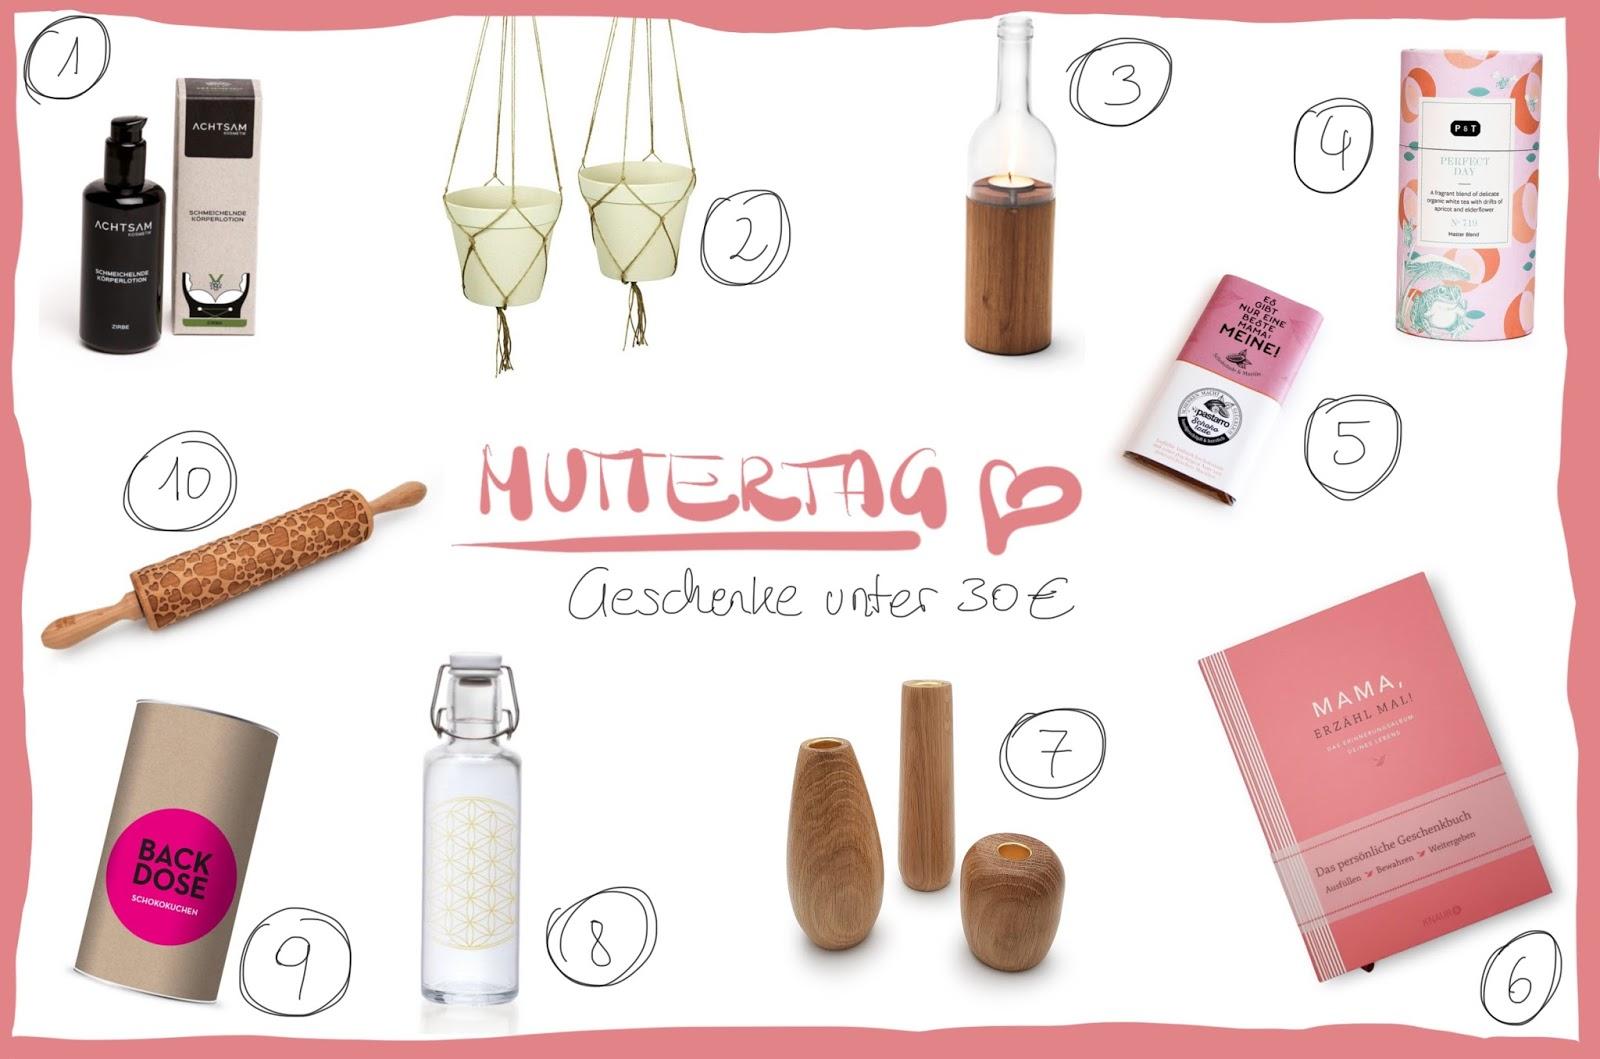 Geschenke unter 30 Euro: 10 besondere Ideen zum Muttertag / WOHN:PROJEKT